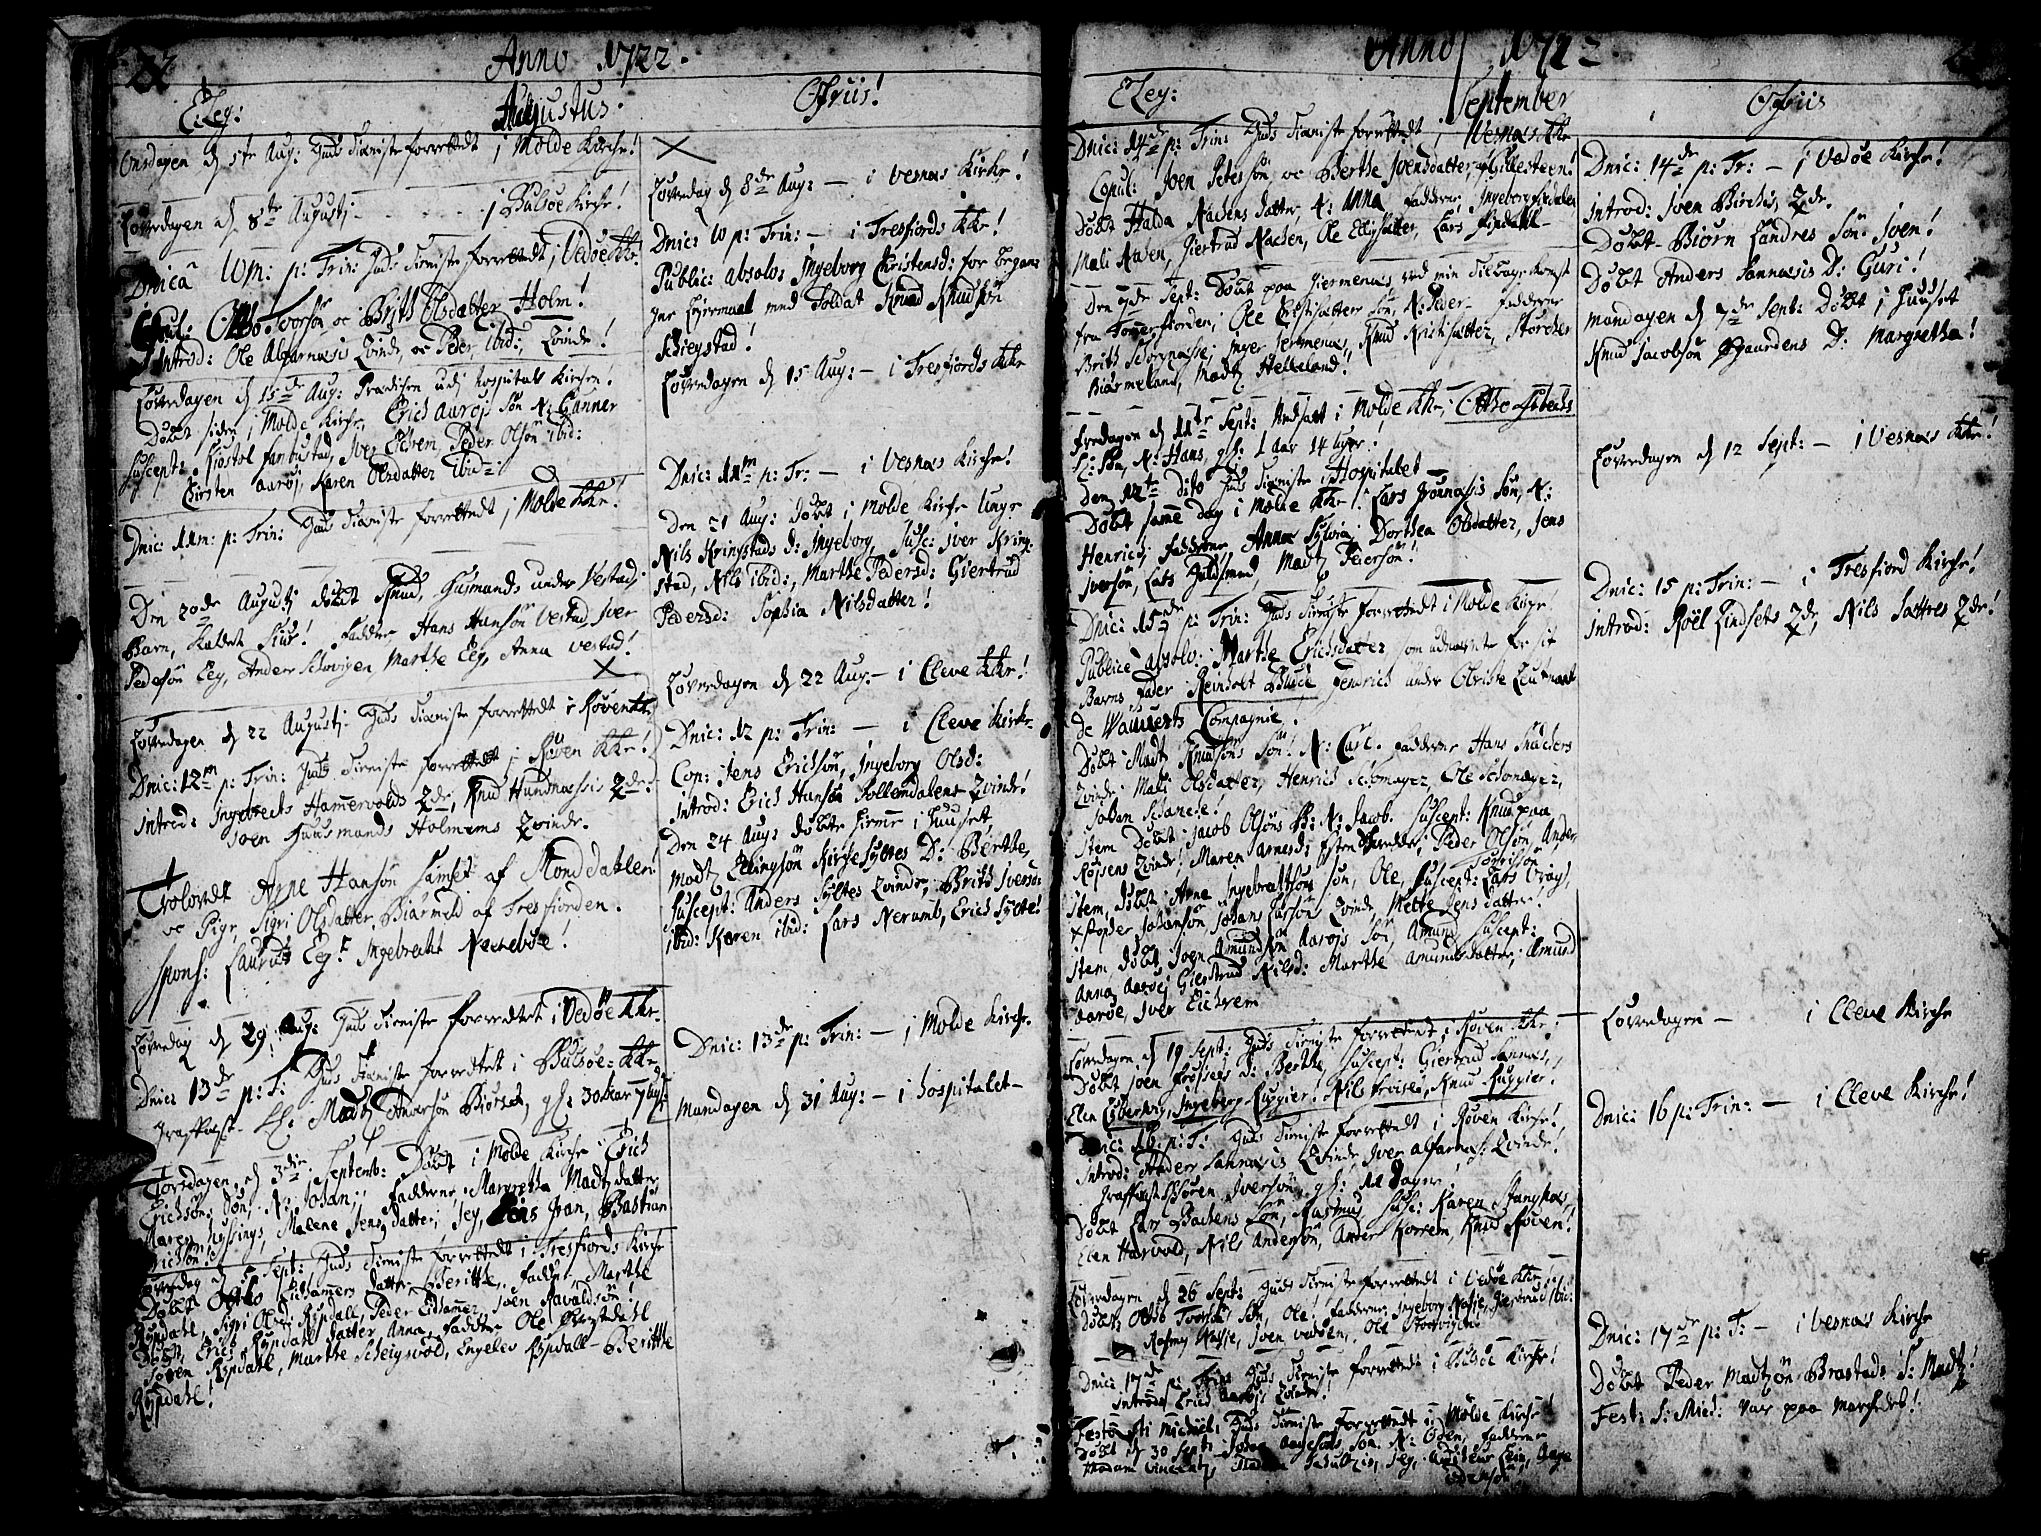 SAT, Ministerialprotokoller, klokkerbøker og fødselsregistre - Møre og Romsdal, 547/L0599: Ministerialbok nr. 547A01, 1721-1764, s. 22-23